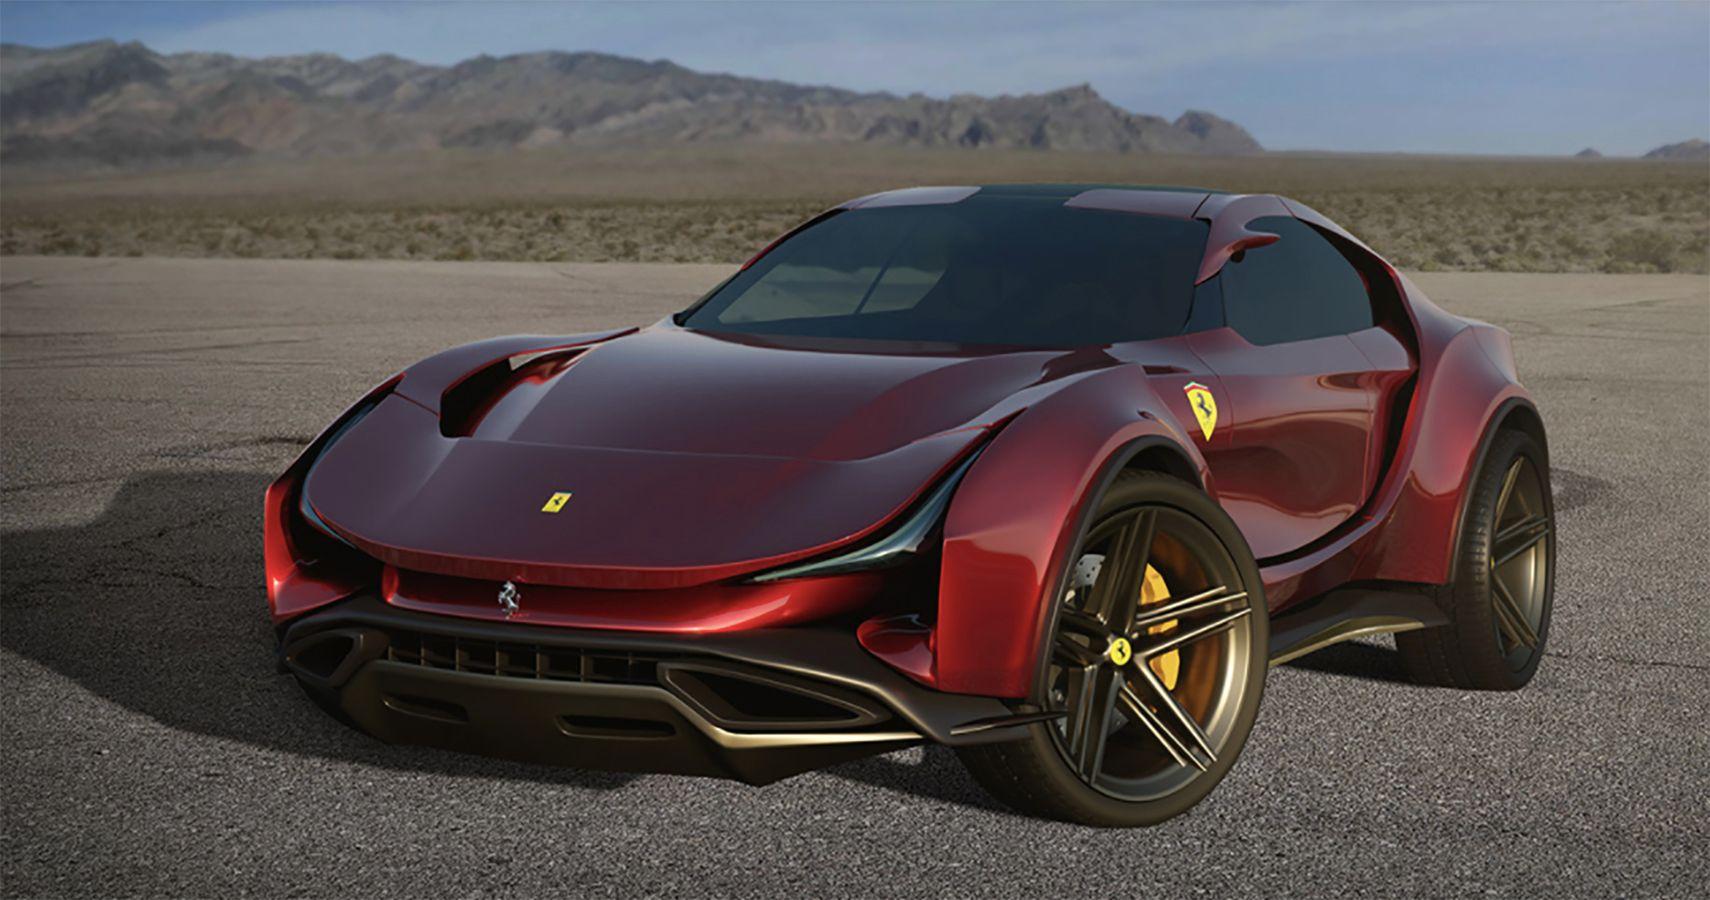 Ferrari's SUV: What We Hope The Supercar Looks Like | HotCars